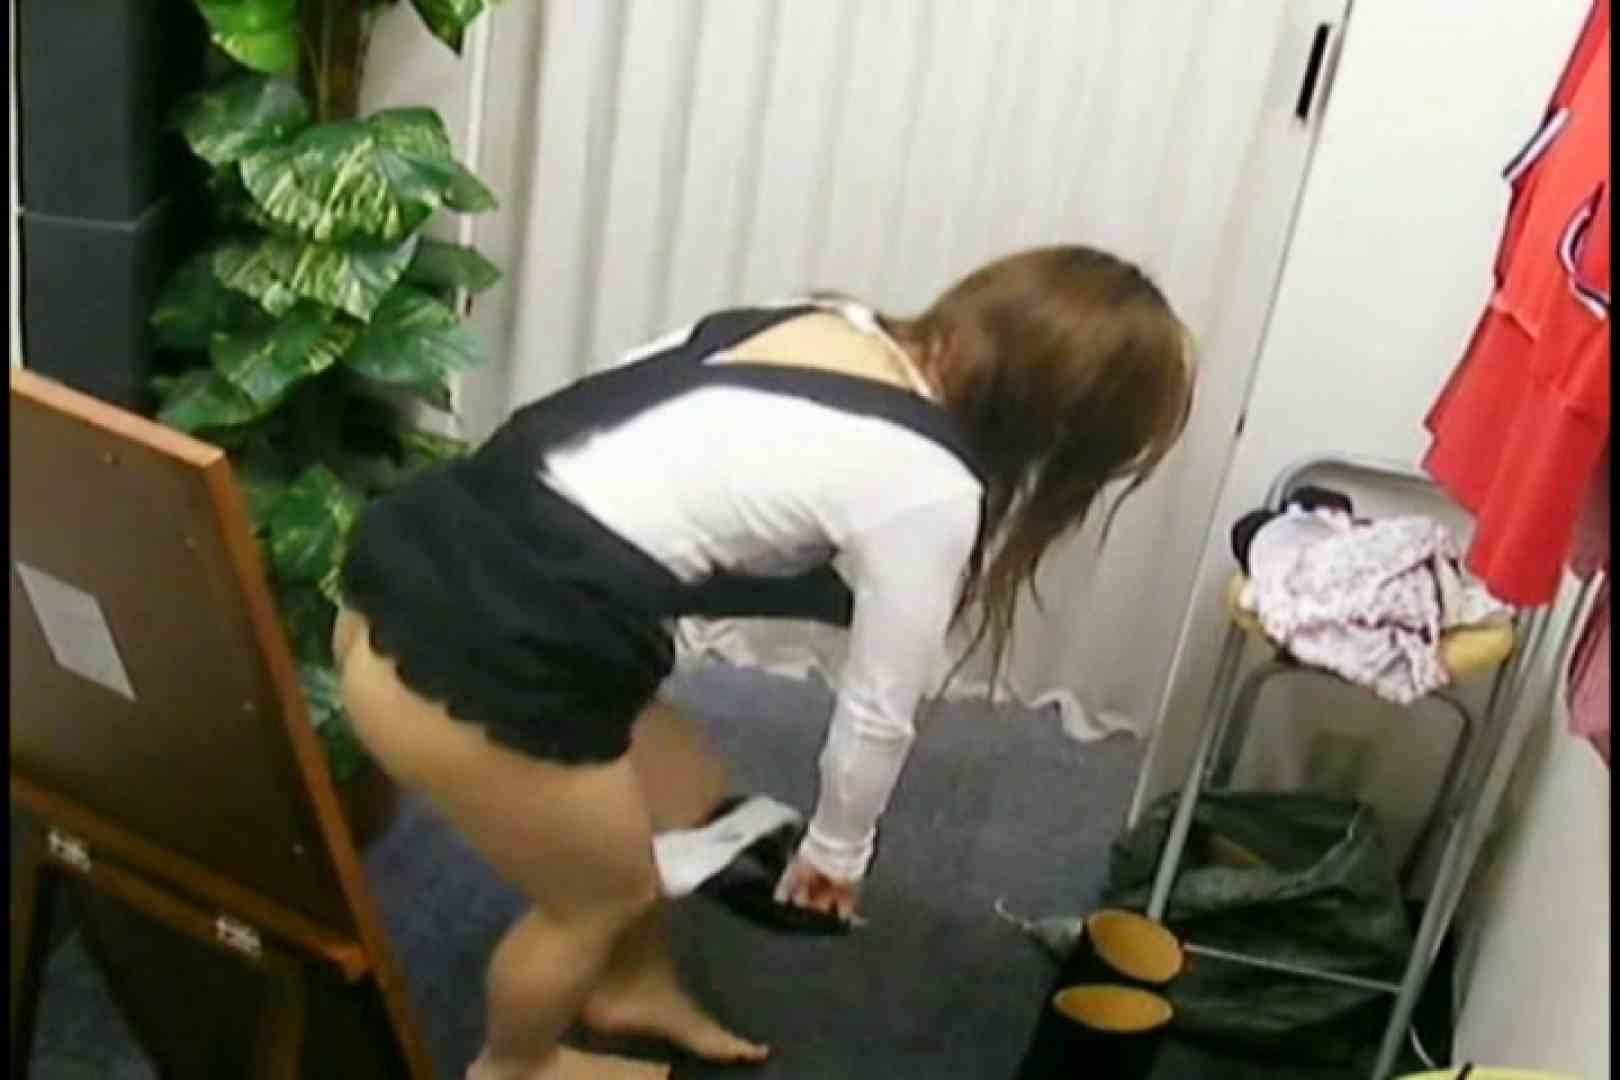 素人撮影 下着だけの撮影のはずが・・・ よしこ23歳 水着 セックス画像 92PIX 5